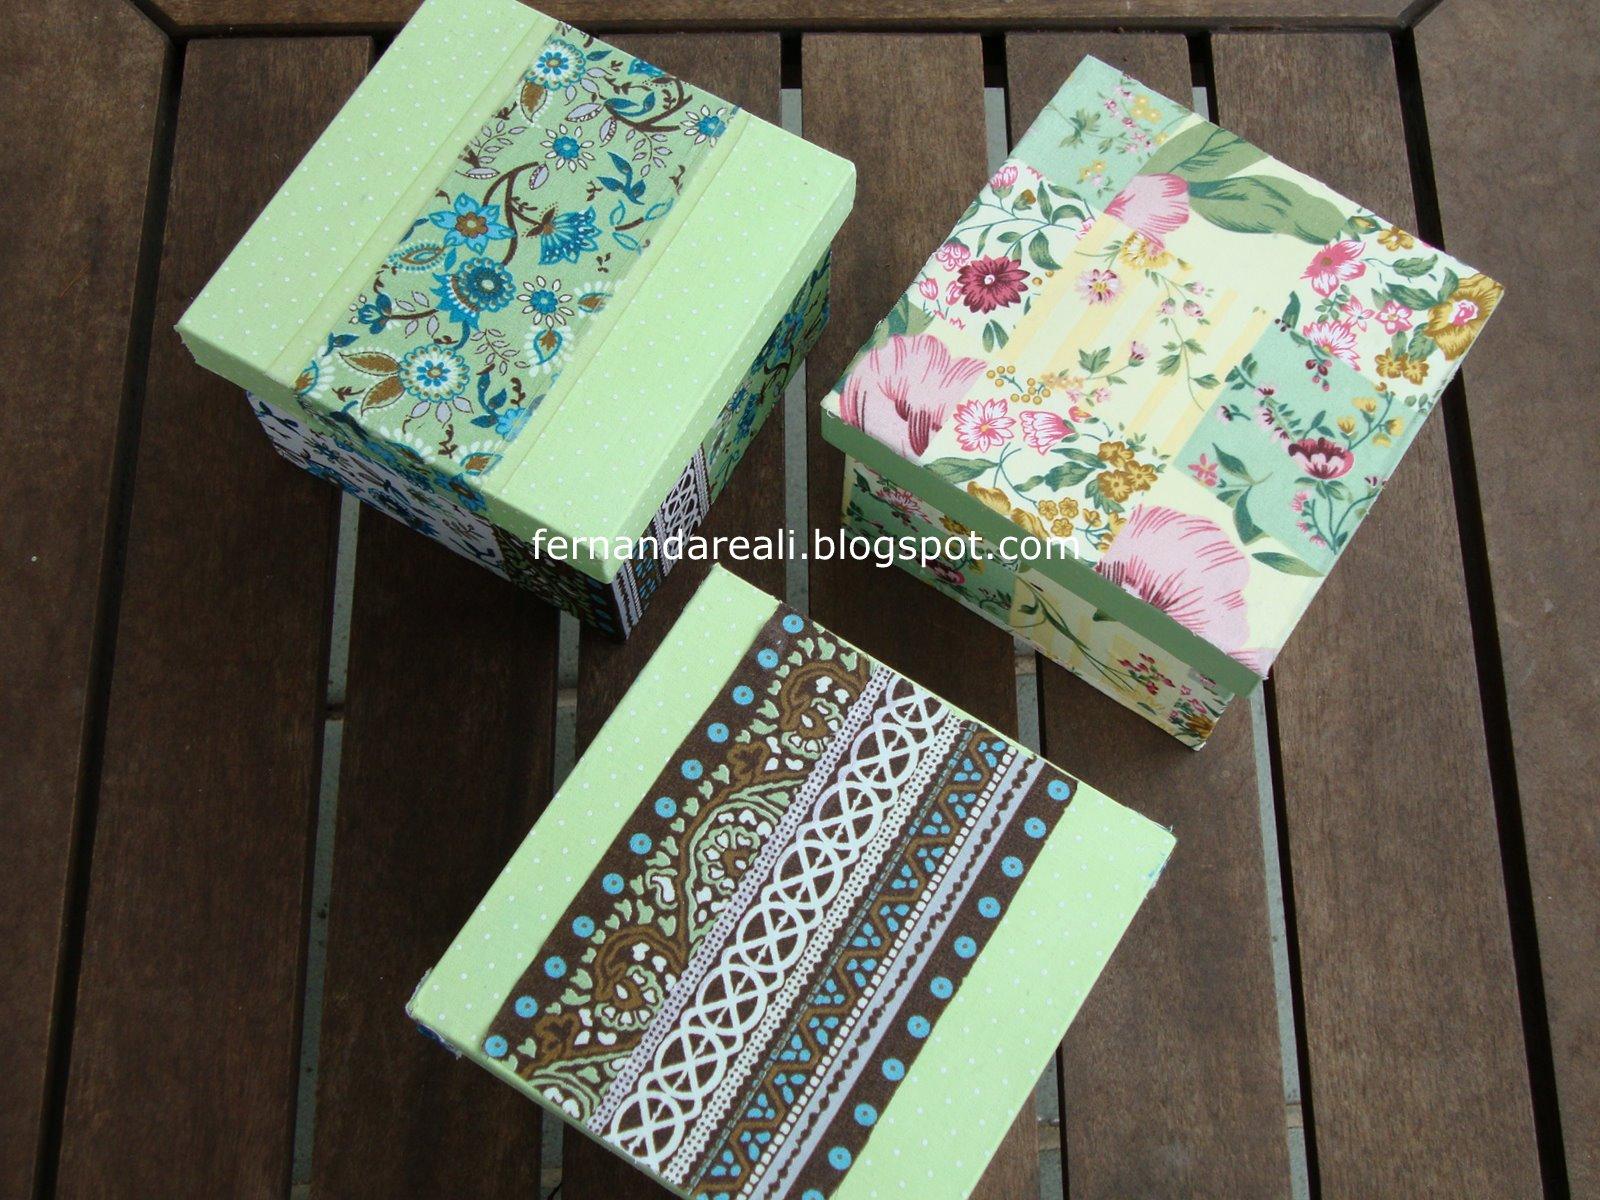 Caixas de Madeira Decoradas Fernanda Reali #658942 1600x1200